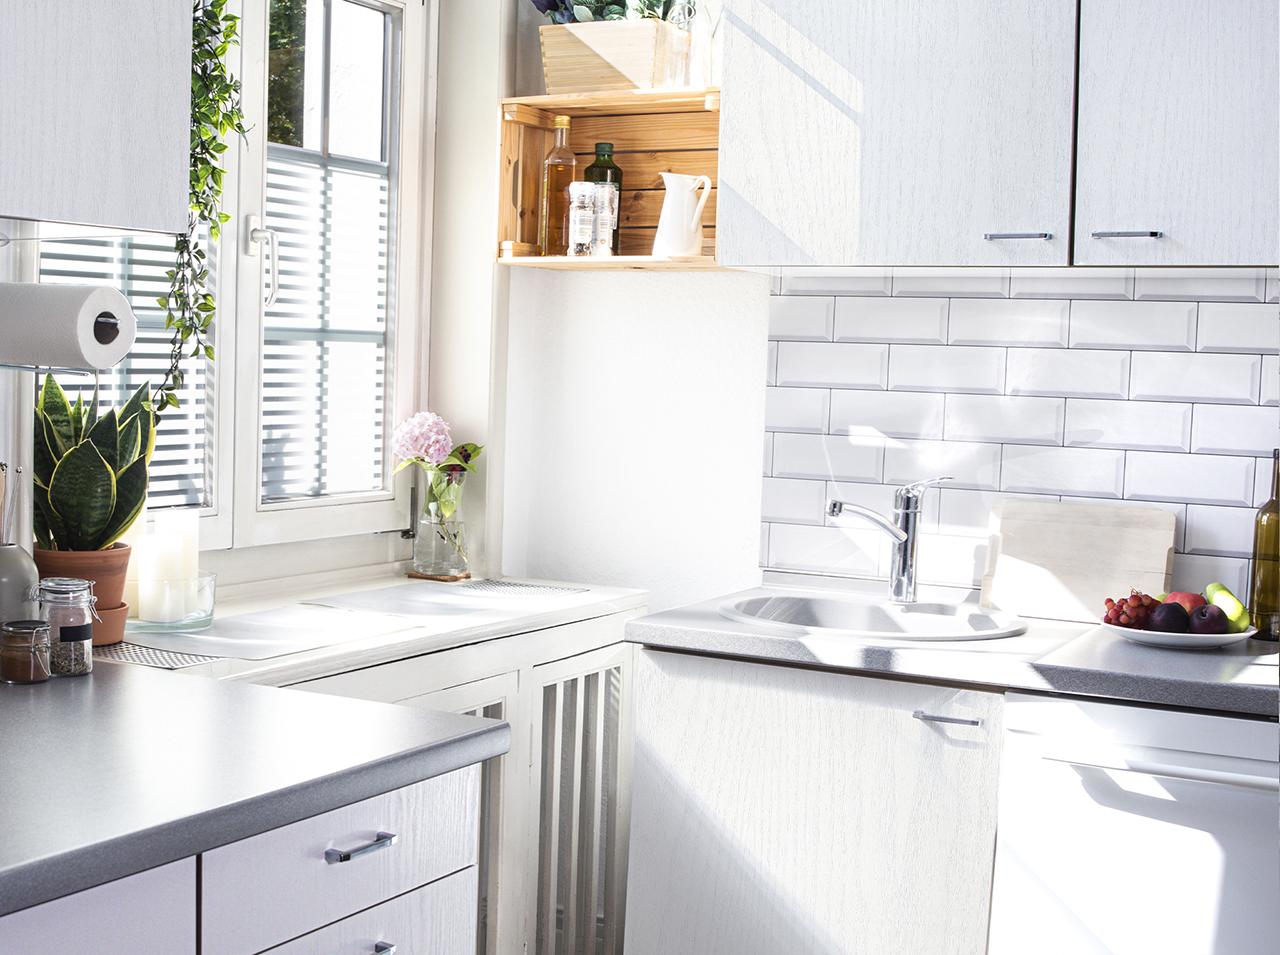 Cucina moderna in bianco con d-c-fix®.